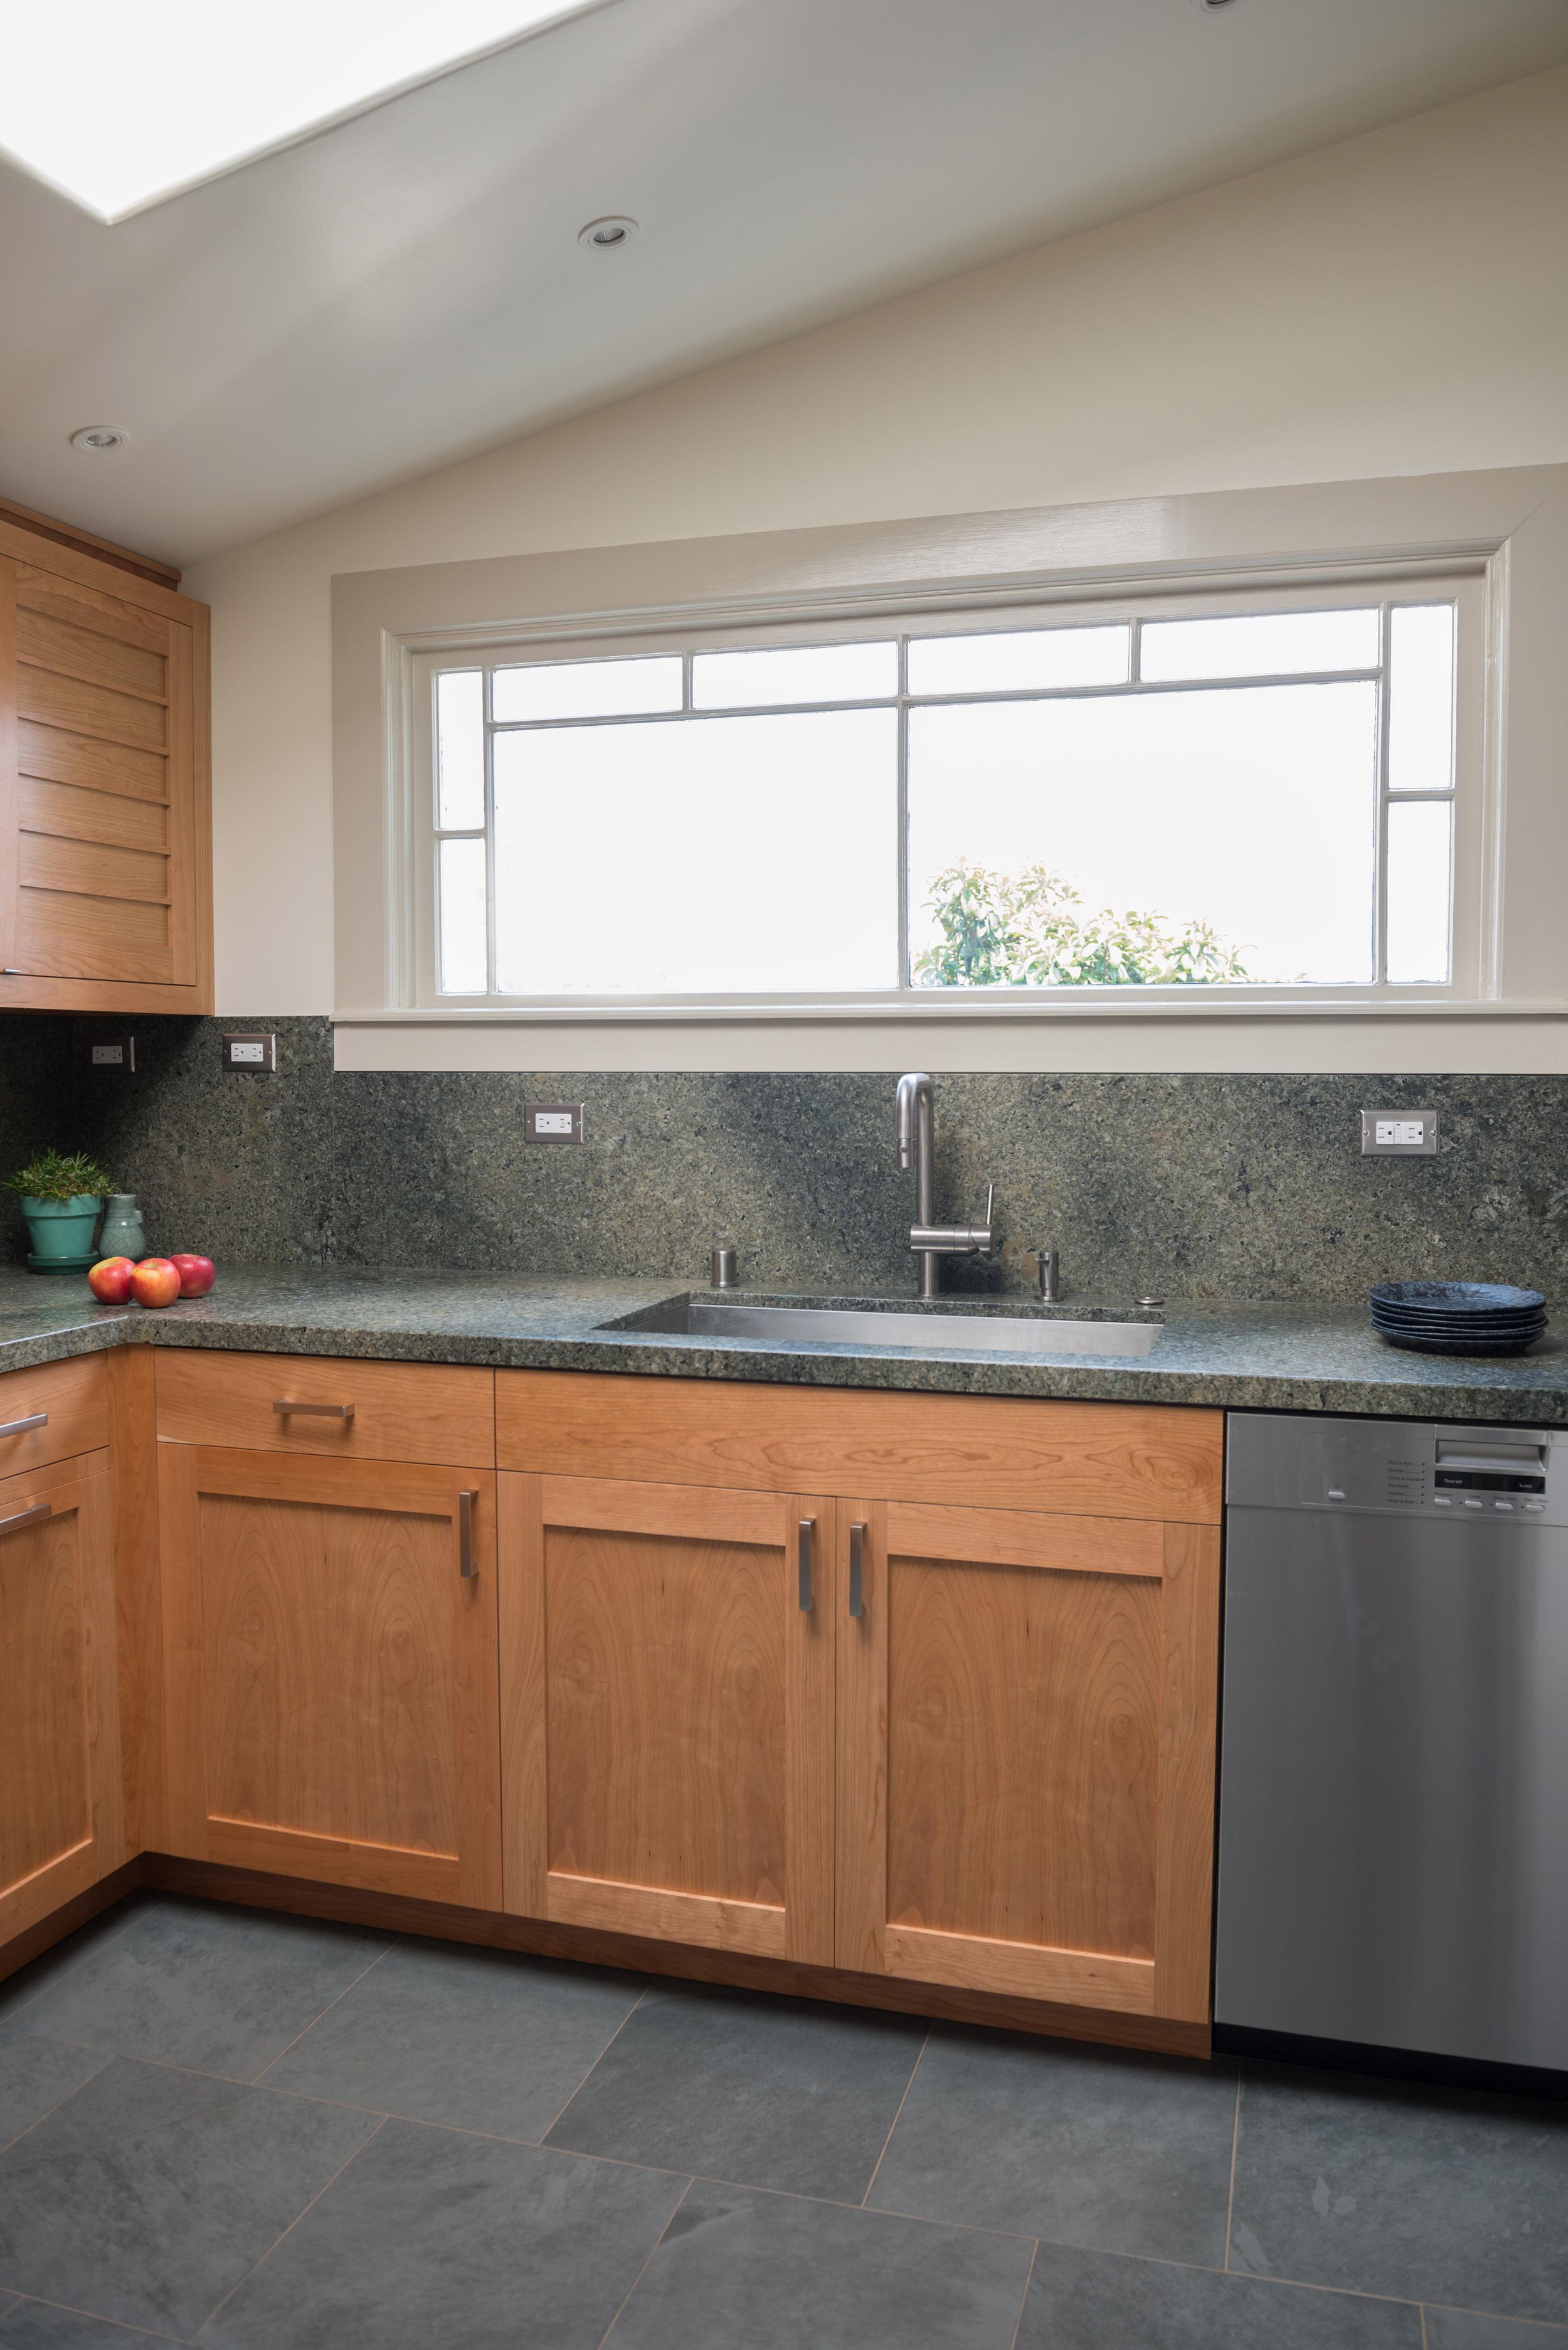 Potrero hill kitchen-03.jpg